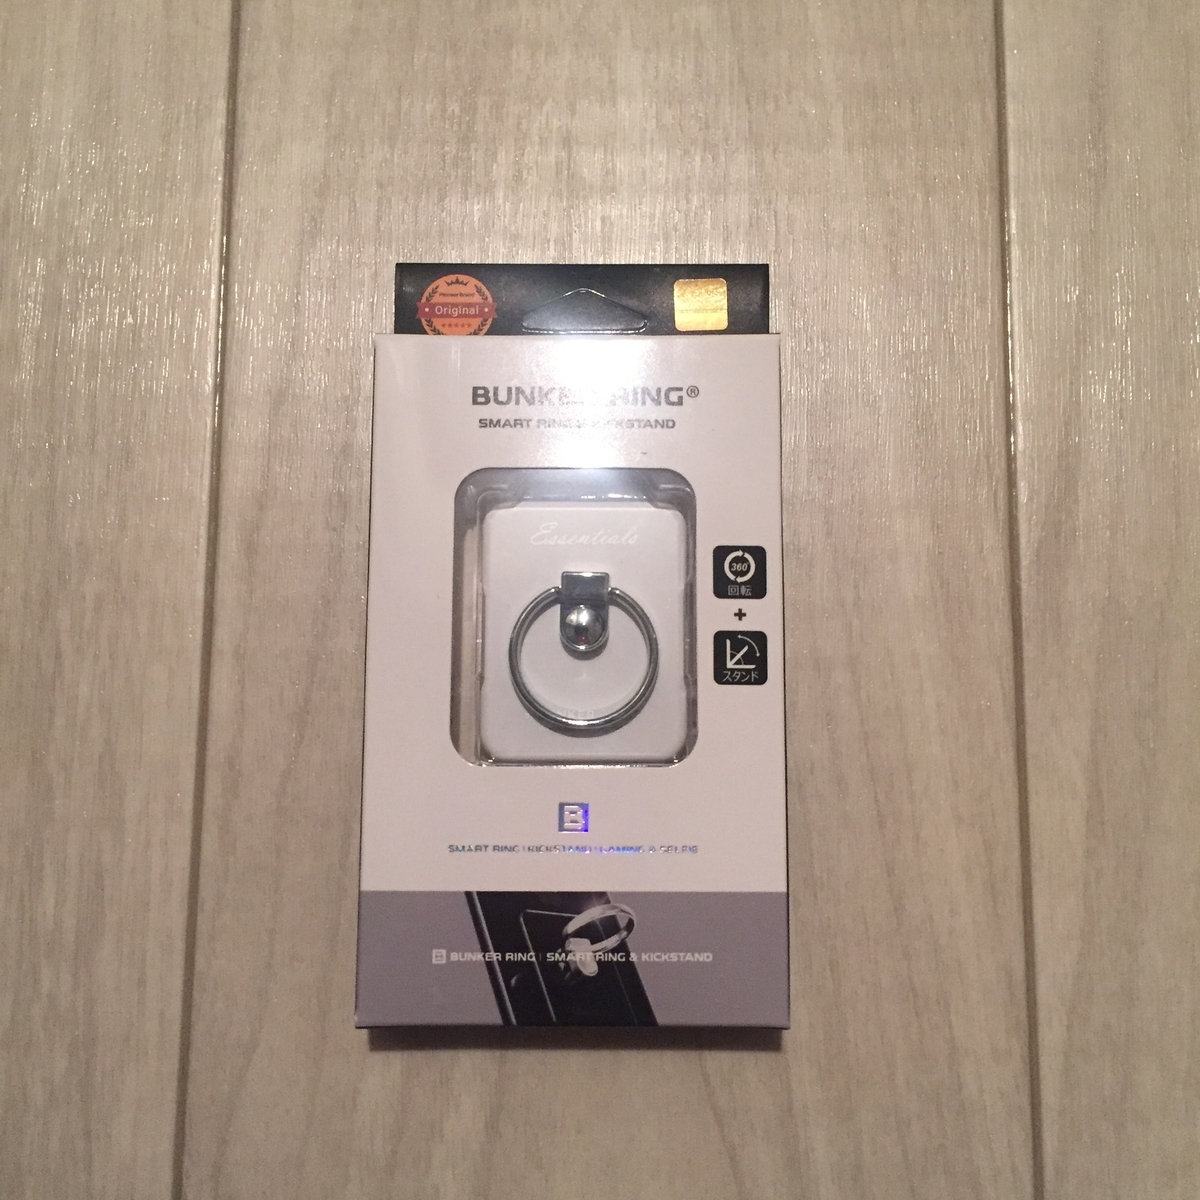 iphone SE 2 第2世代 Apple mac スマホ スマートフォン 携帯 バンカーリング